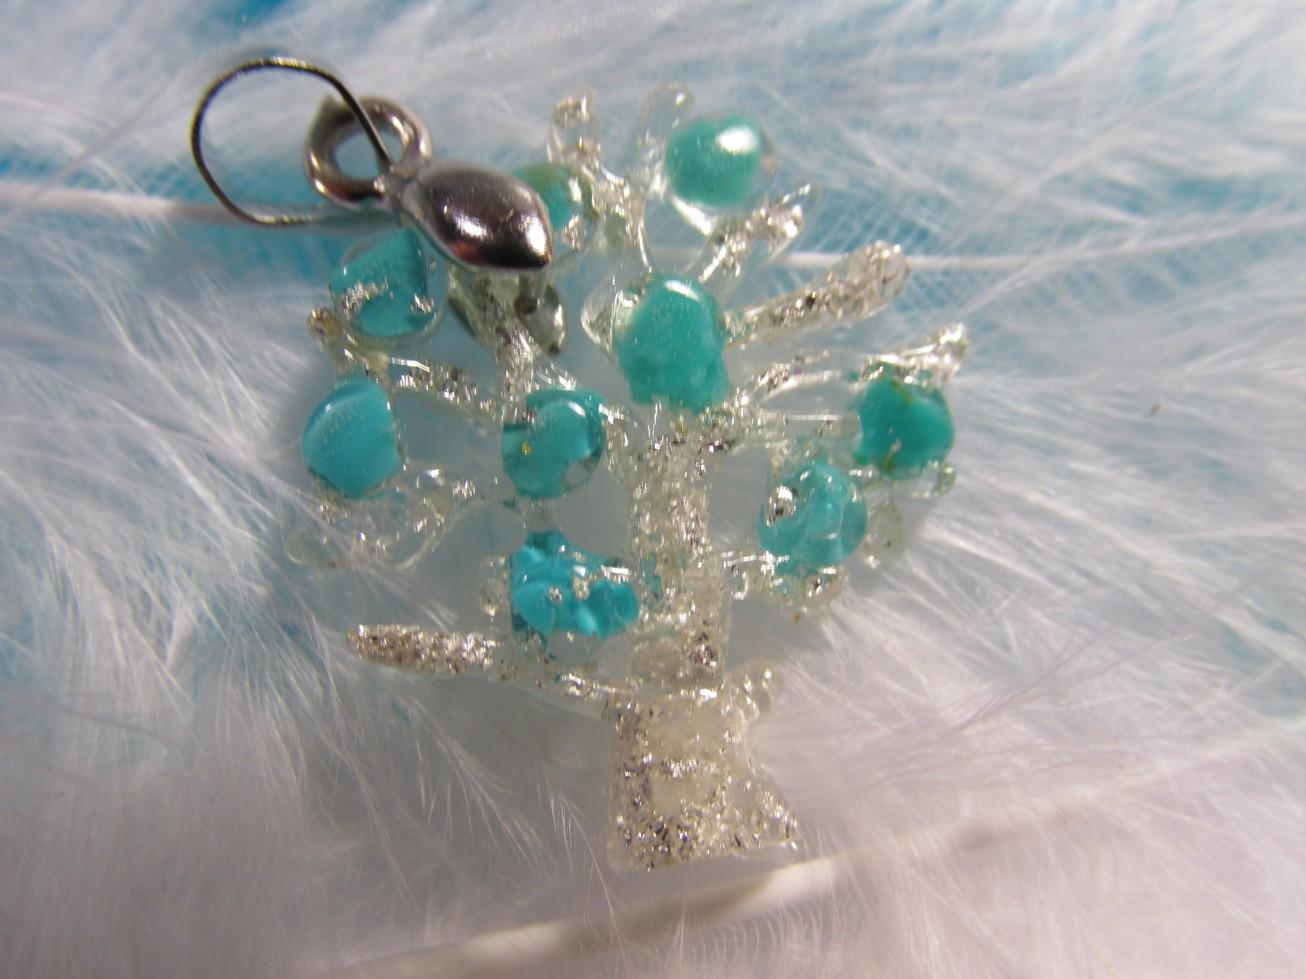 Orgonit - strom života s tyrkysem a pravým plátkovým stříbrem (strom života, orgonit, tyrkys, plátkové stříbro)